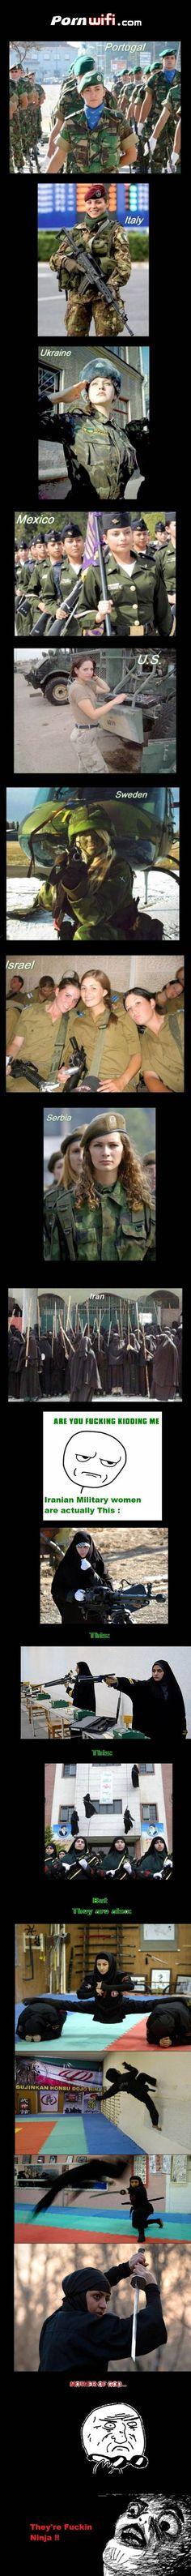 Don't diss Irani women!